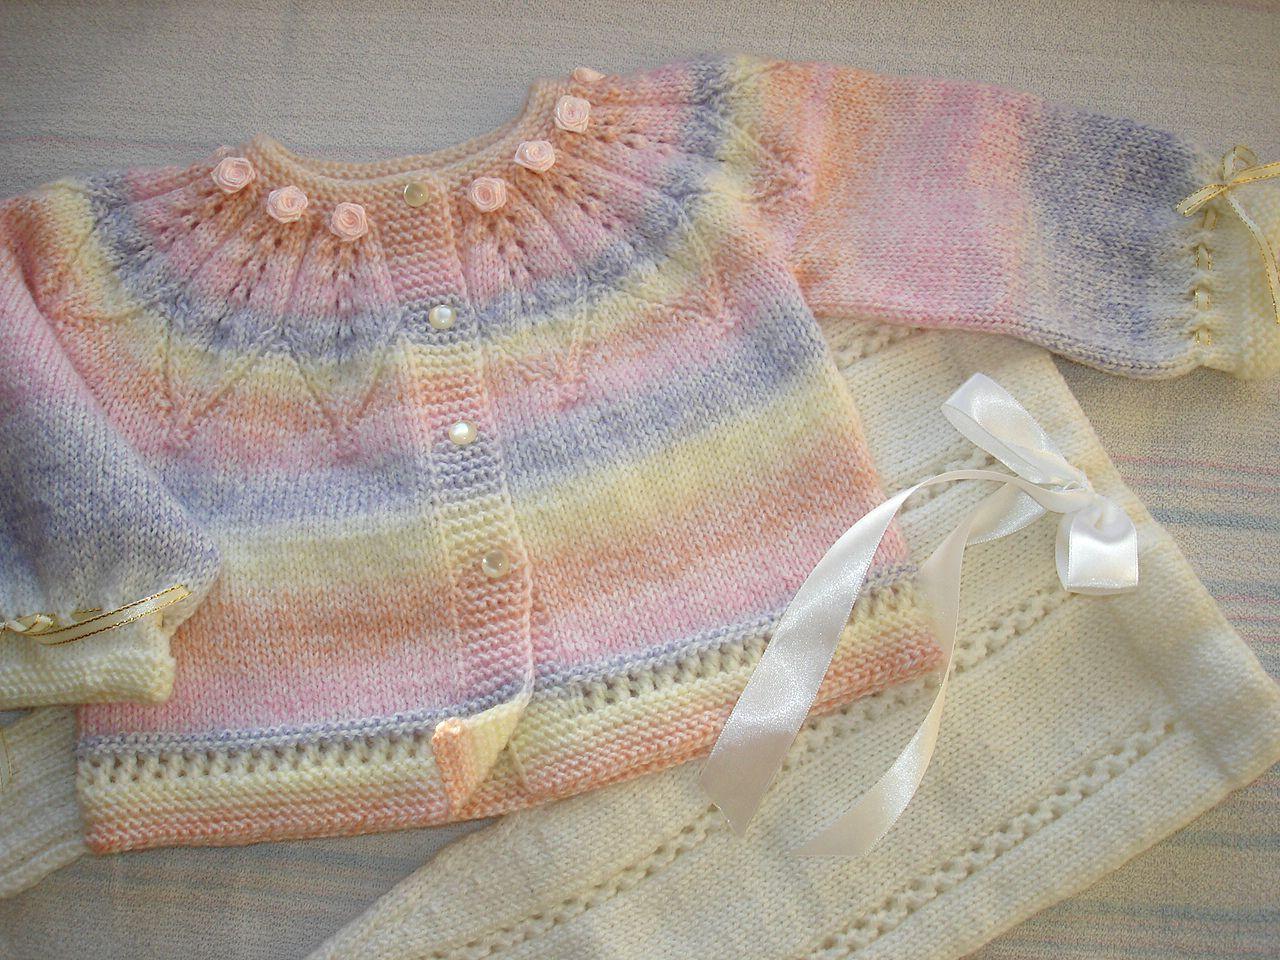 одежда_малышам для_девочки спицы детская_одежда вязание_малышам вязание_детям костюм_девочке детский_костюм вязание детям малышам